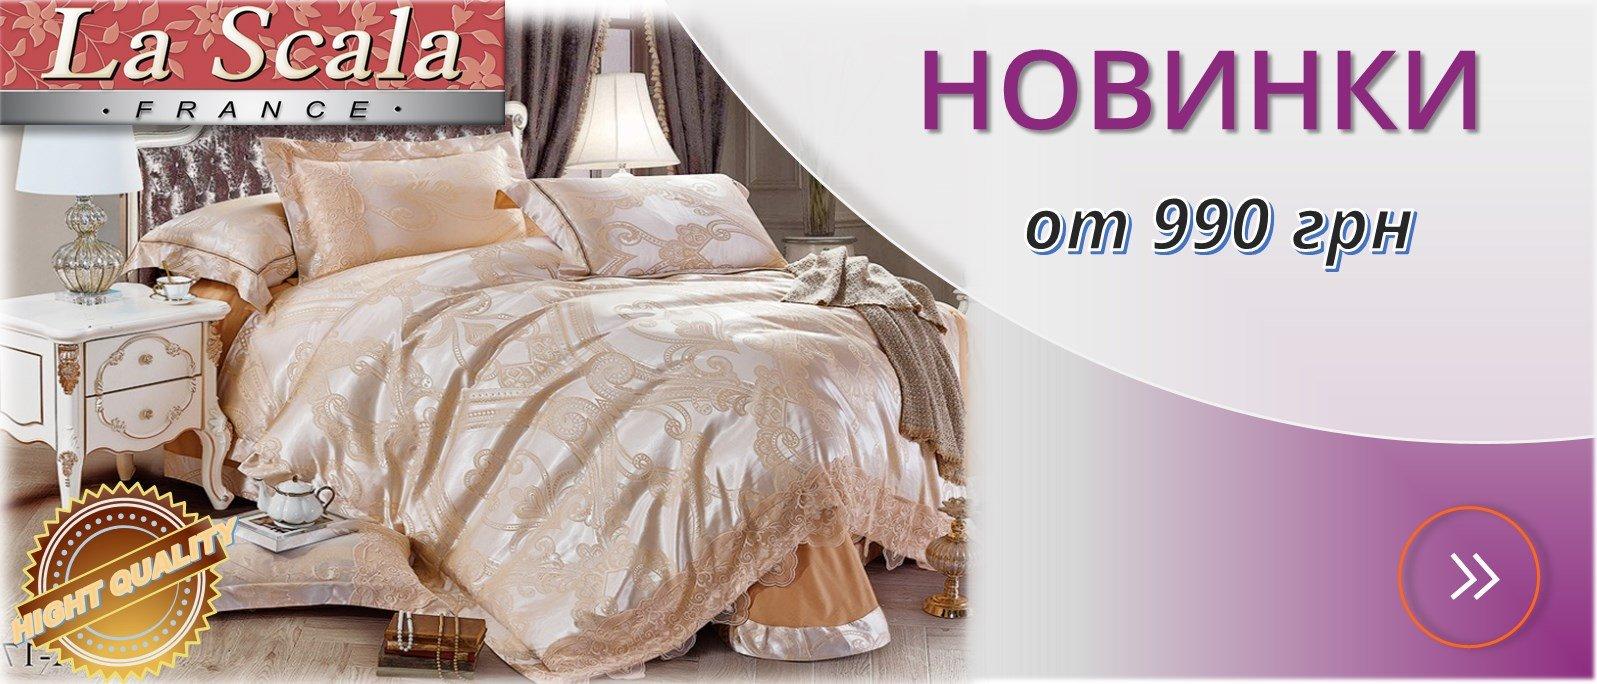 LaScala постельное белье купить в интернет магазине